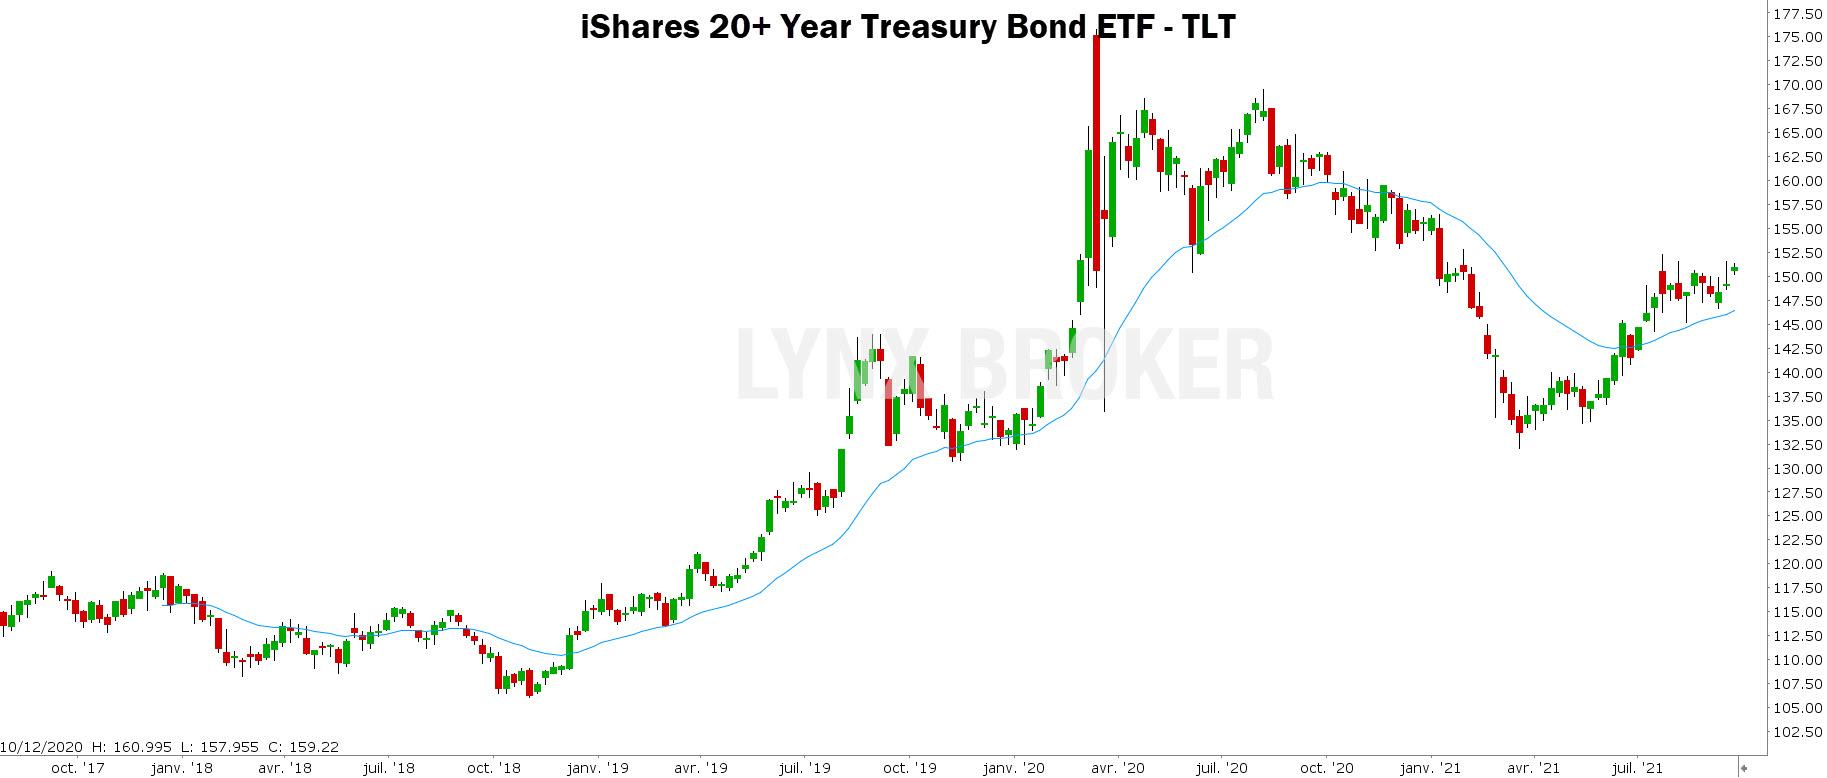 obligations – matières premières - graphique hebdomadaire TLT